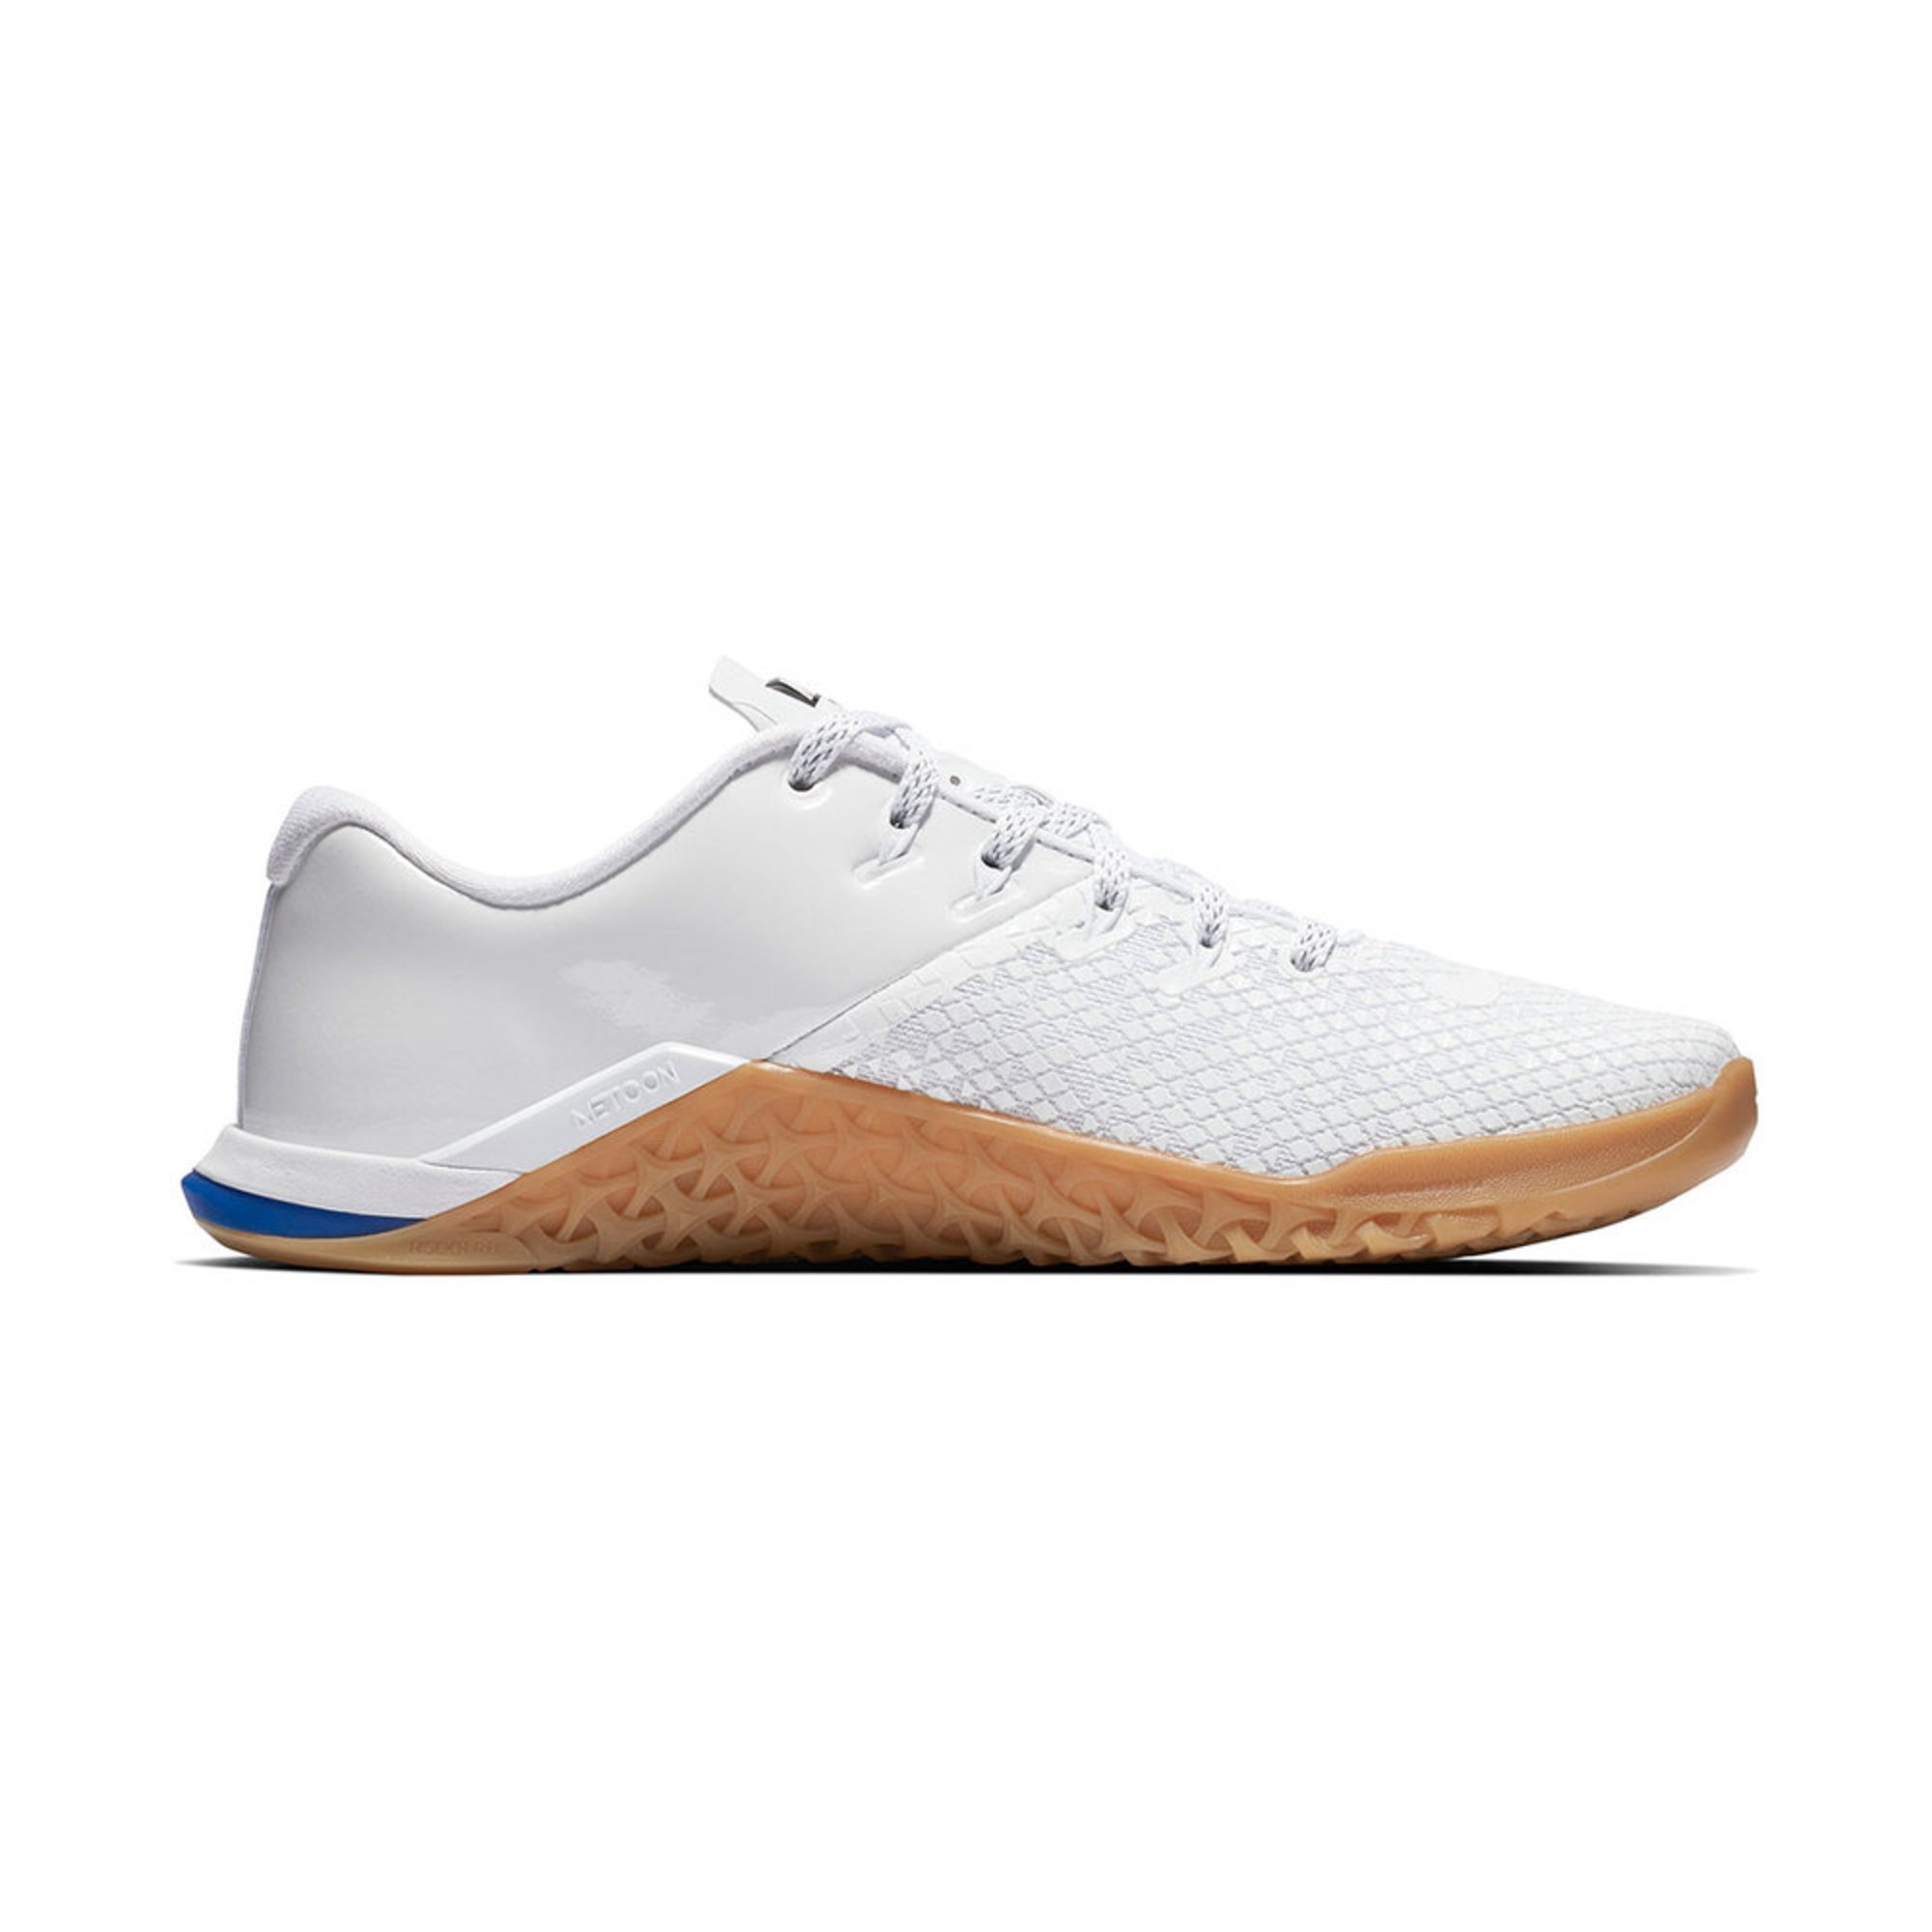 344b1a416c52 Nike Women s Metcon 4 Xd X Training Shoe